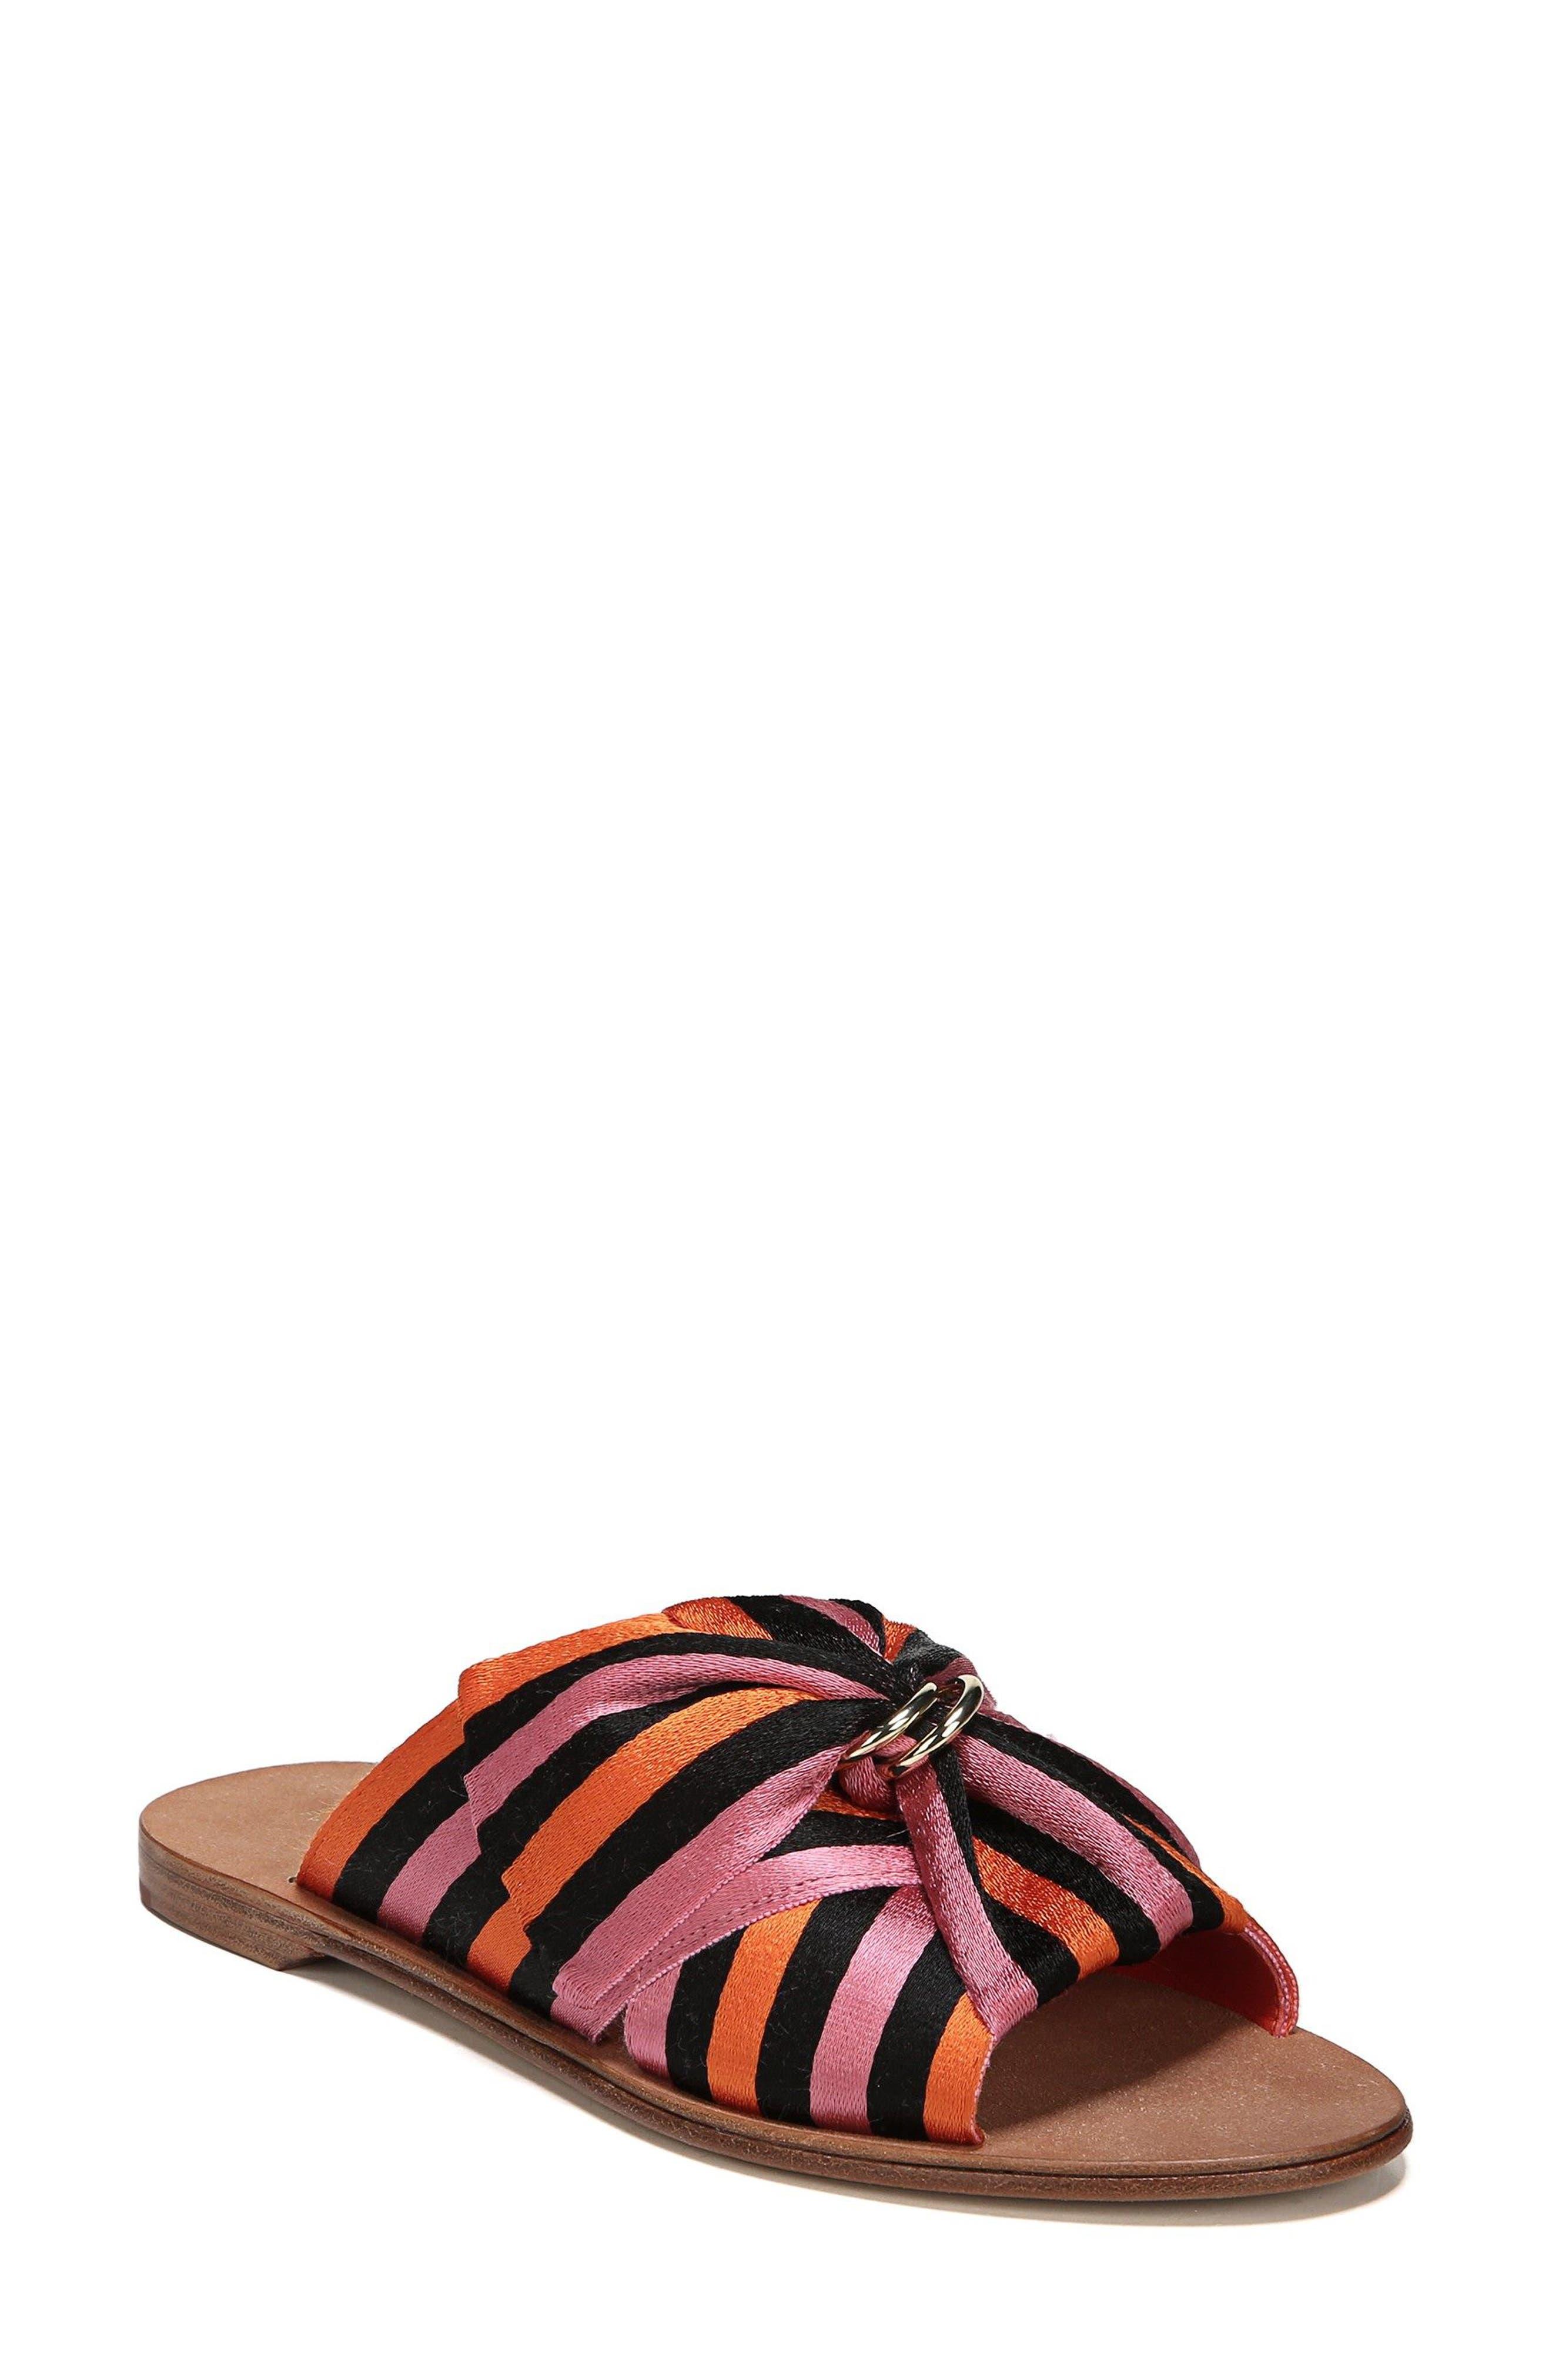 Bella Asymmetrical Slide Sandal,                         Main,                         color, Rose Multi